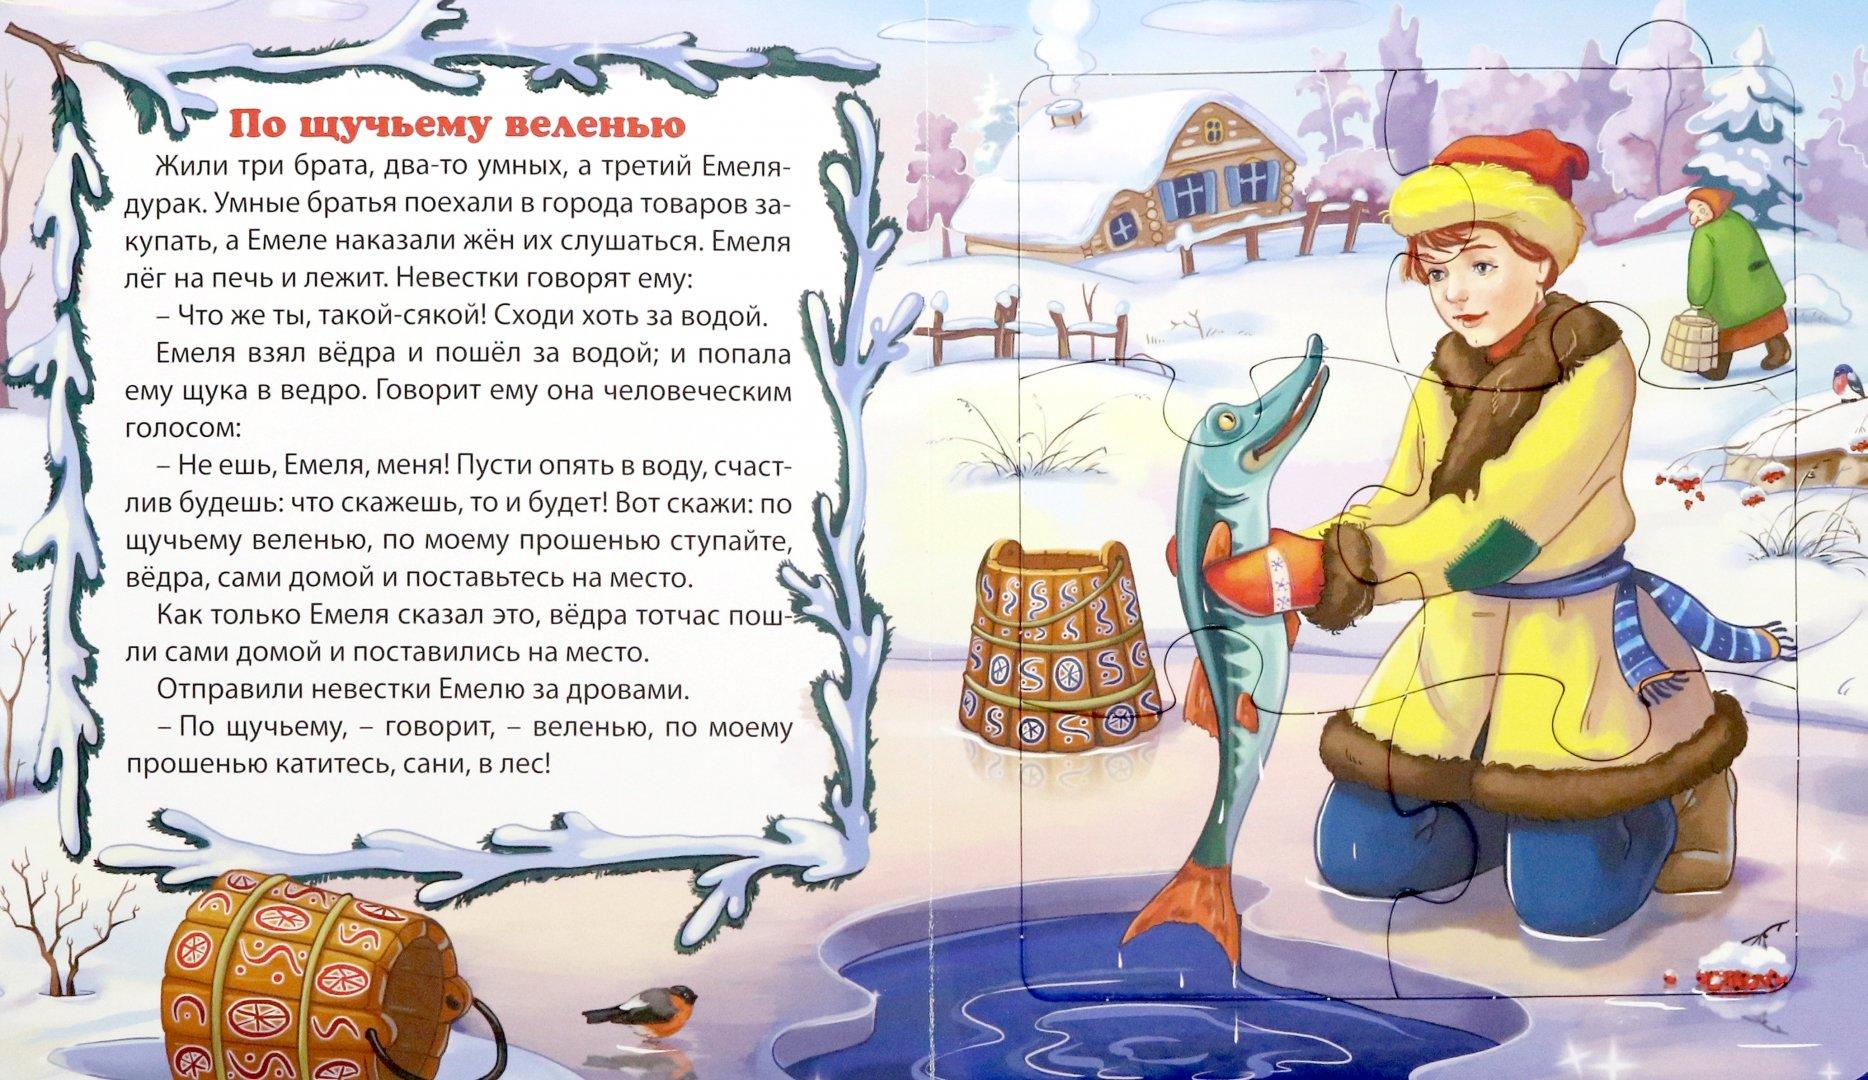 территории главные герои сказки по щучьему велению для читательского дневника размера